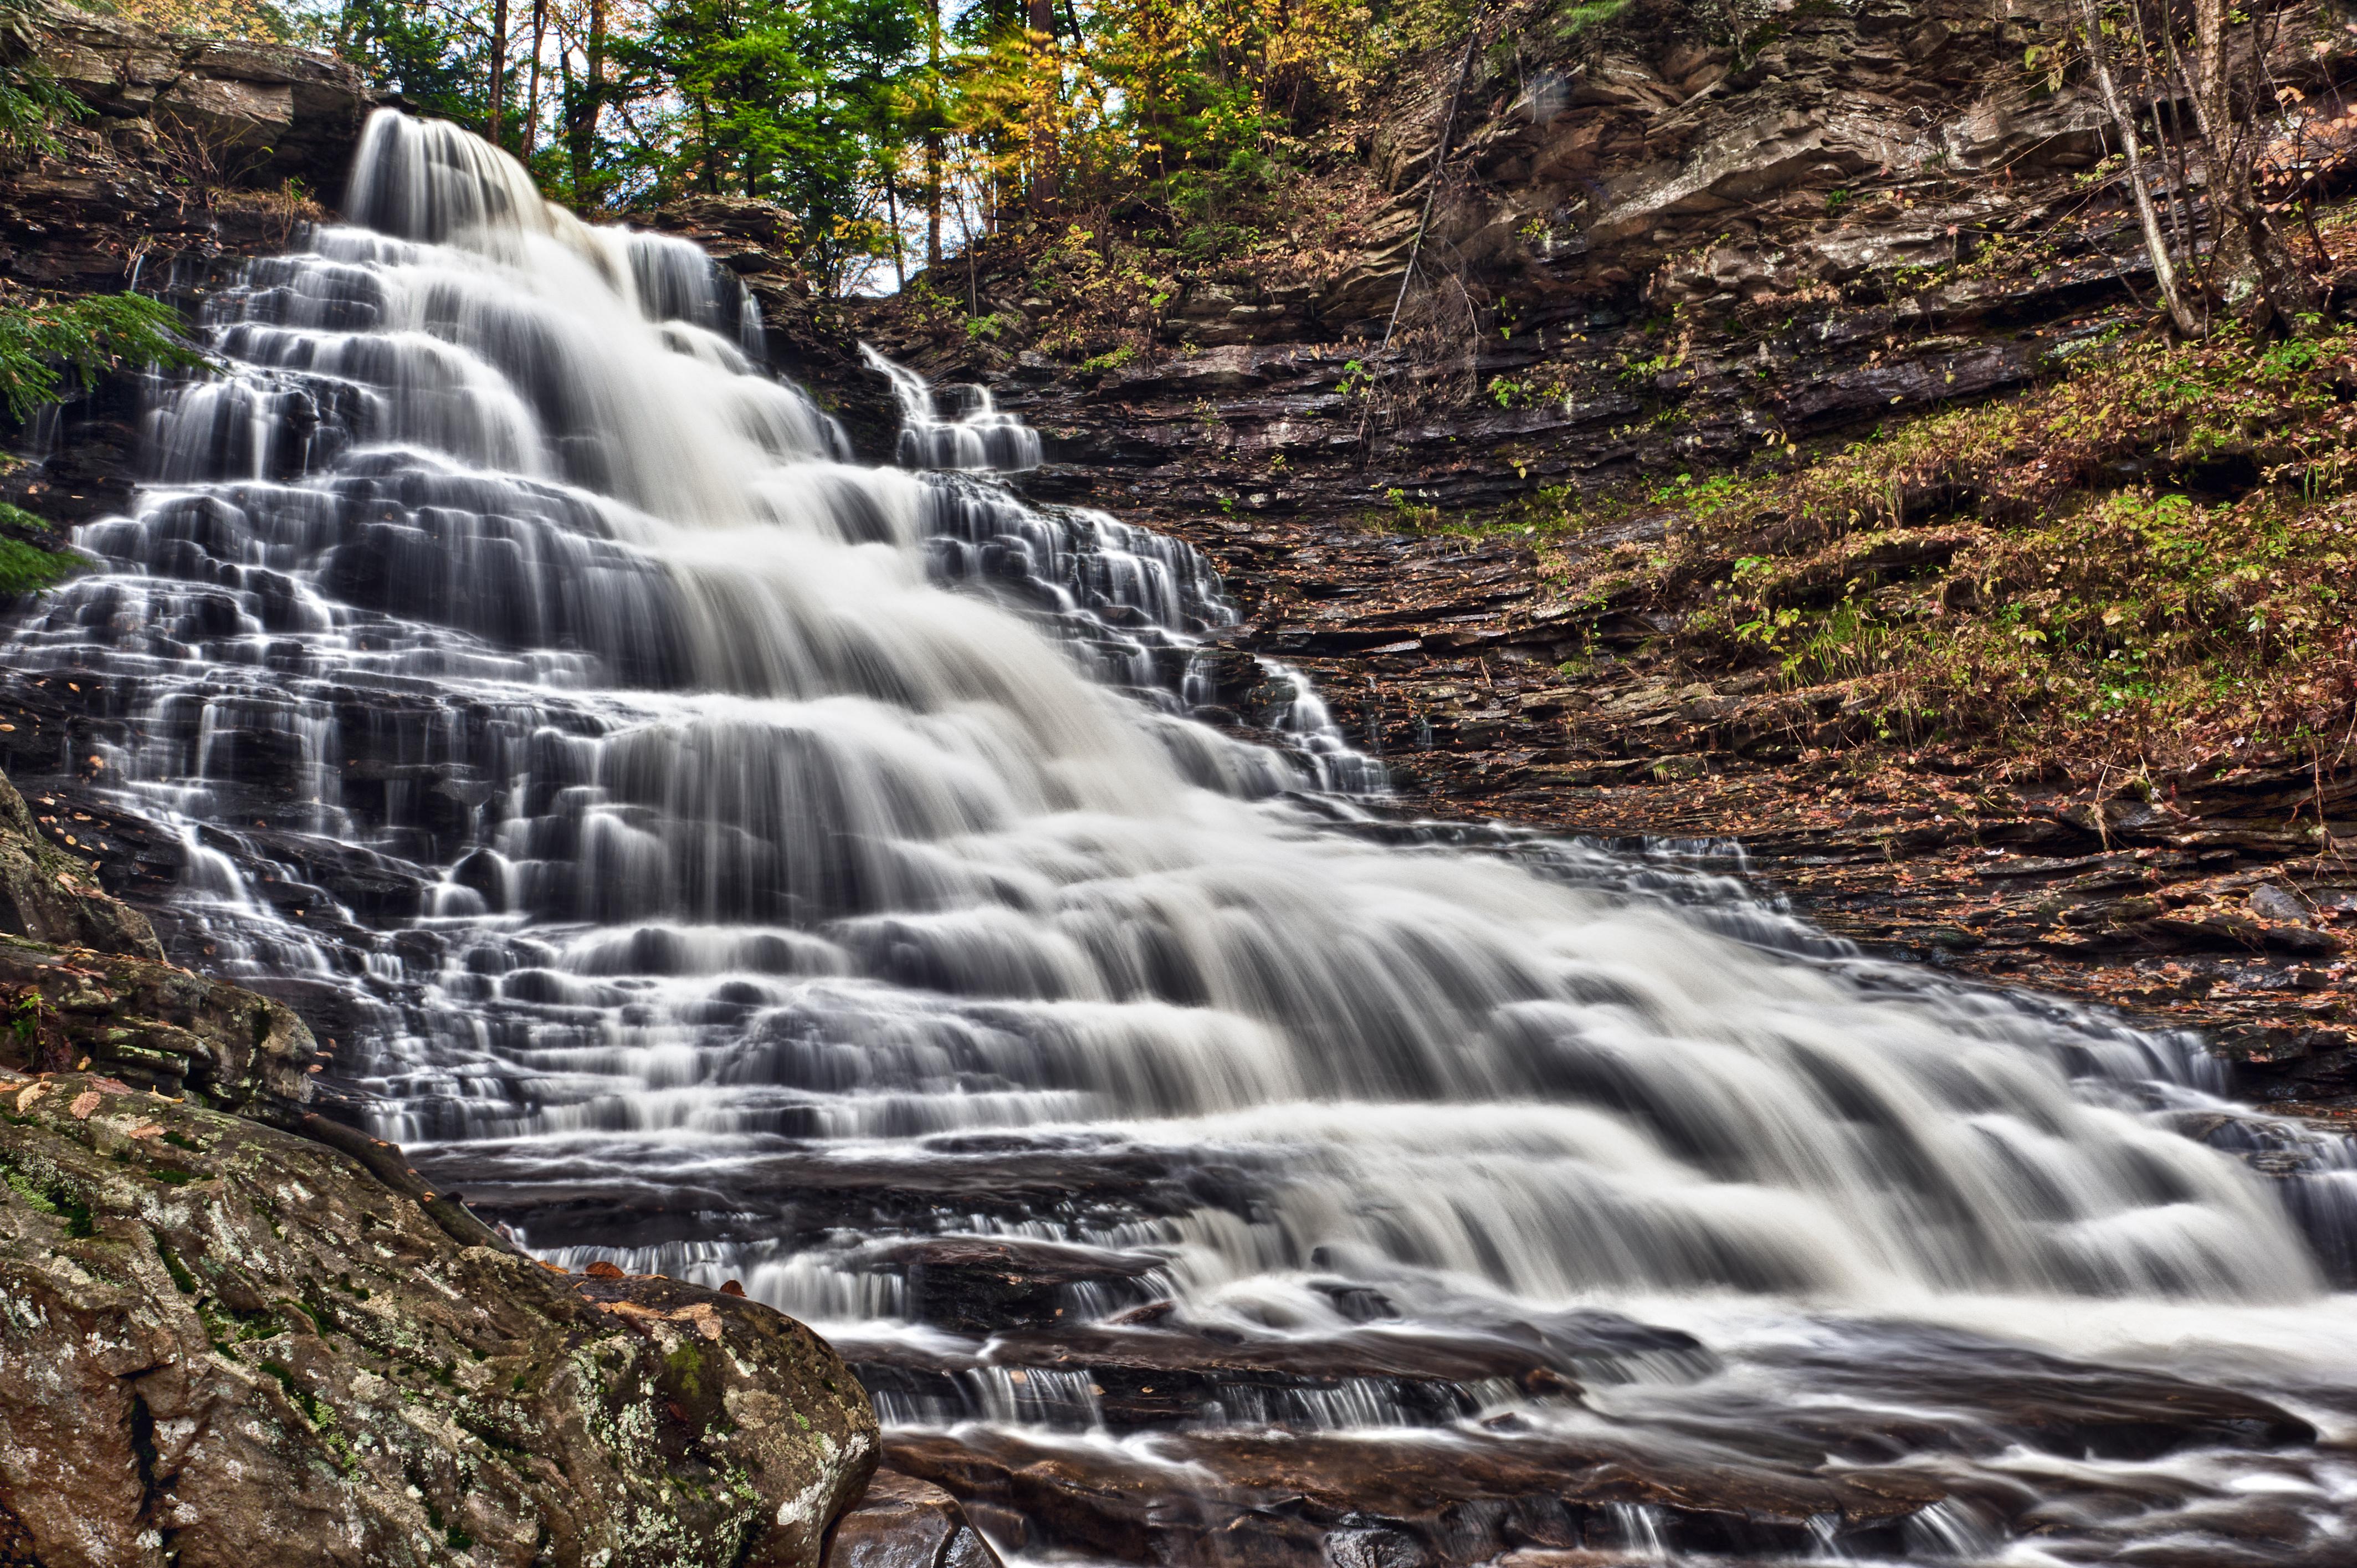 Водопад по камням  № 1869681 бесплатно